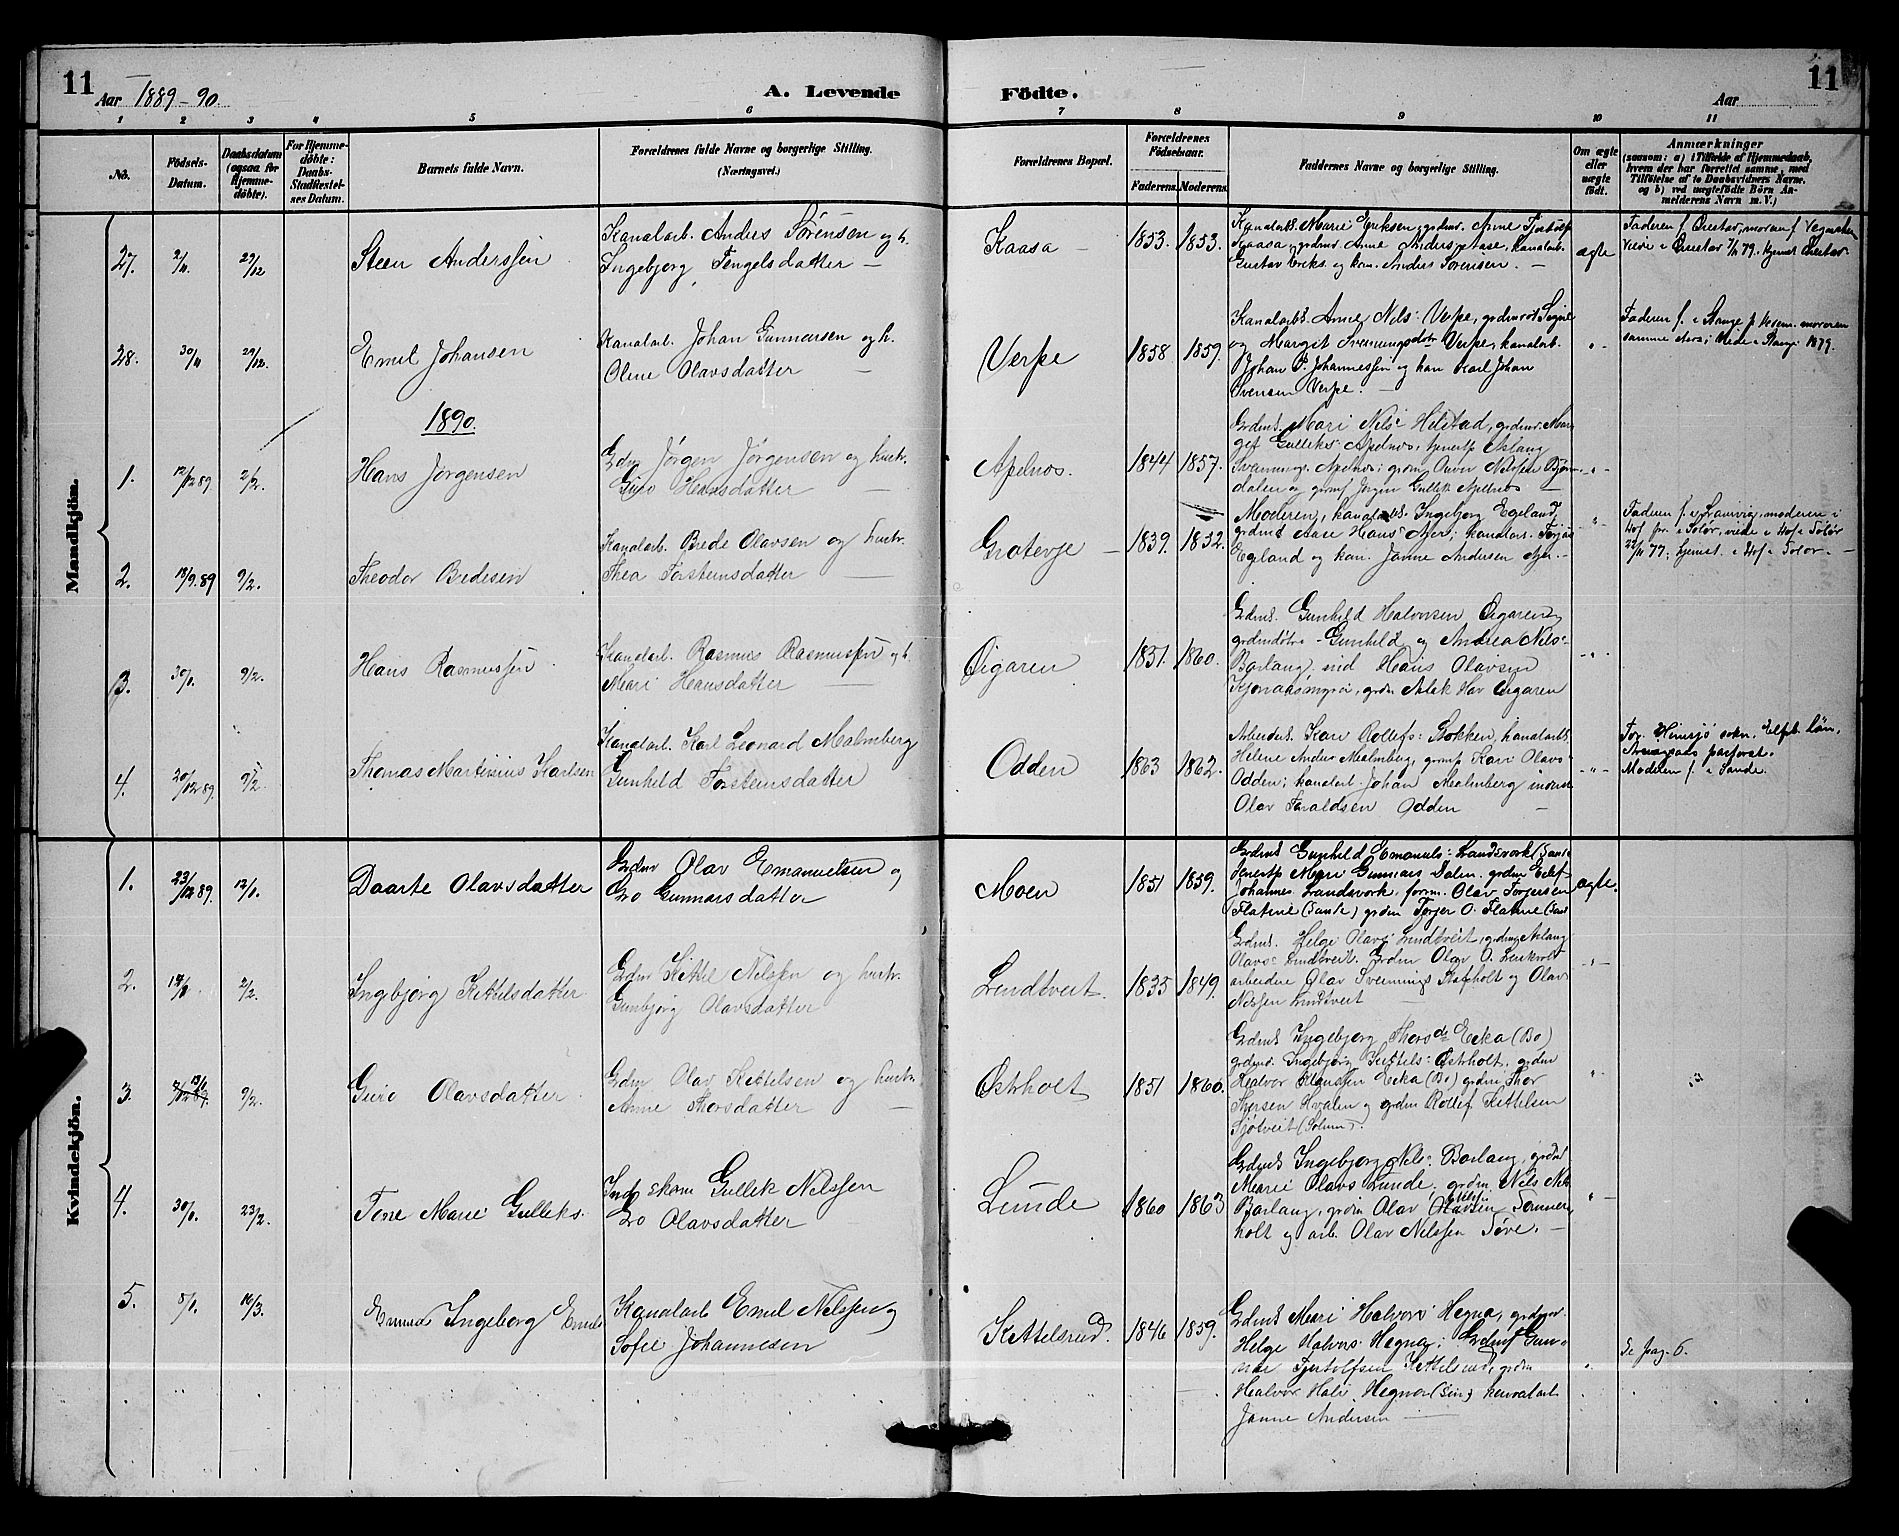 SAKO, Lunde kirkebøker, G/Ga/L0002: Klokkerbok nr. I 2, 1887-1896, s. 11